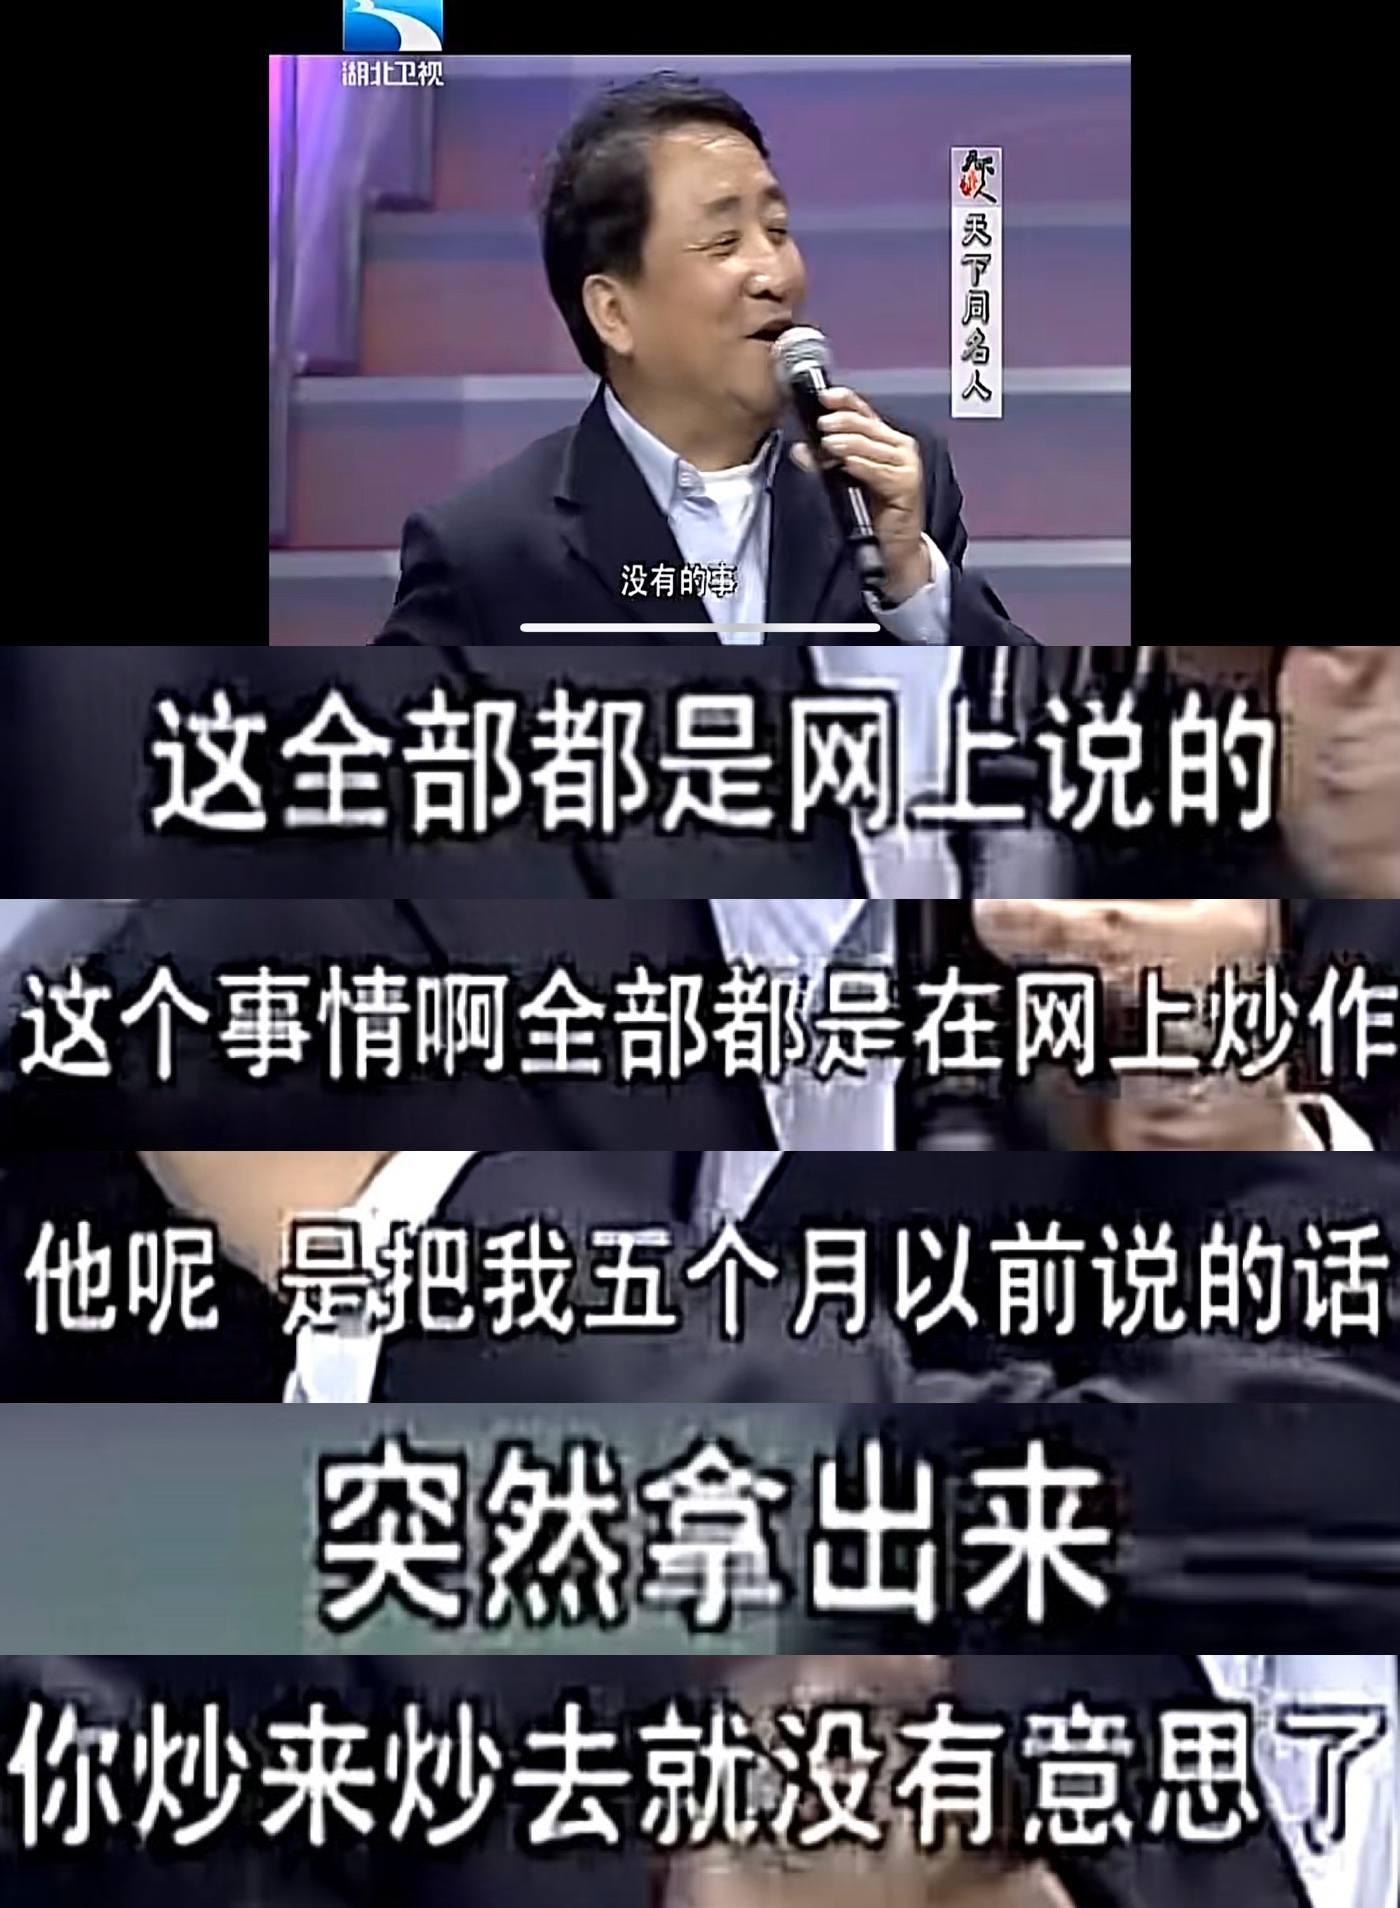 71岁姜昆不服老,一口气做15个深蹲不喘气,头顶见秃消瘦明显